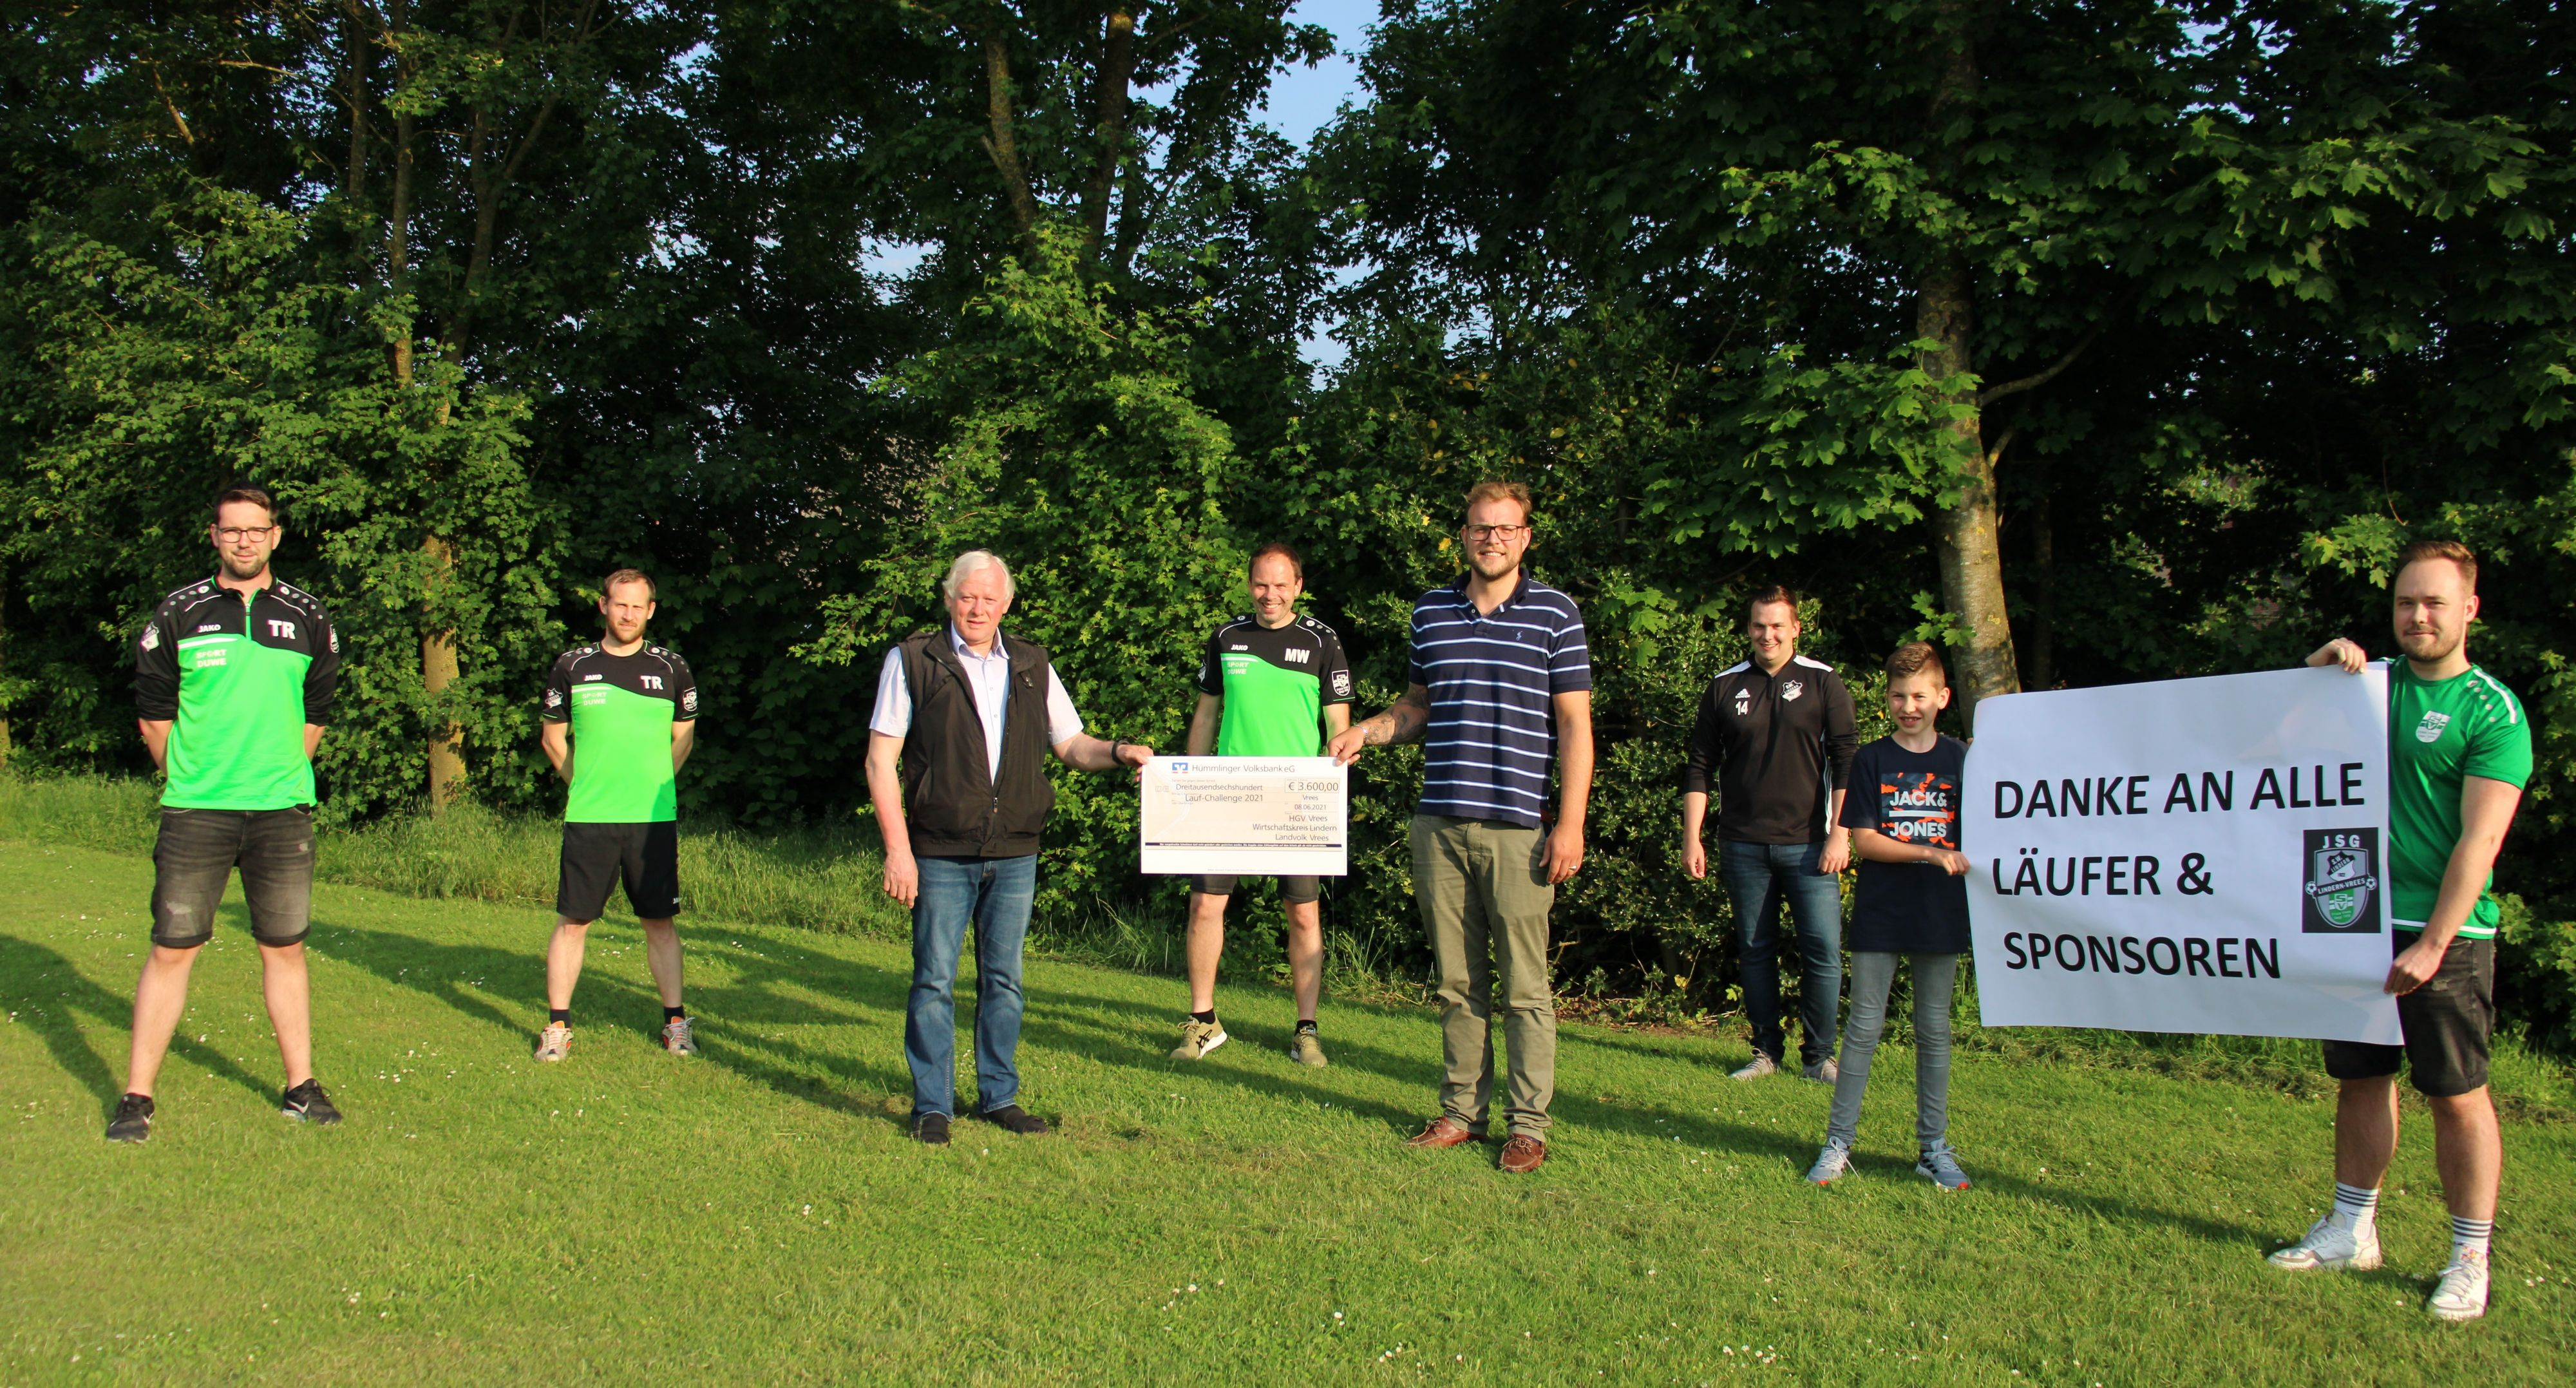 Spendenübergabe: Die Organisatoren der Challenge mit Sponsoren. Foto: Wessels